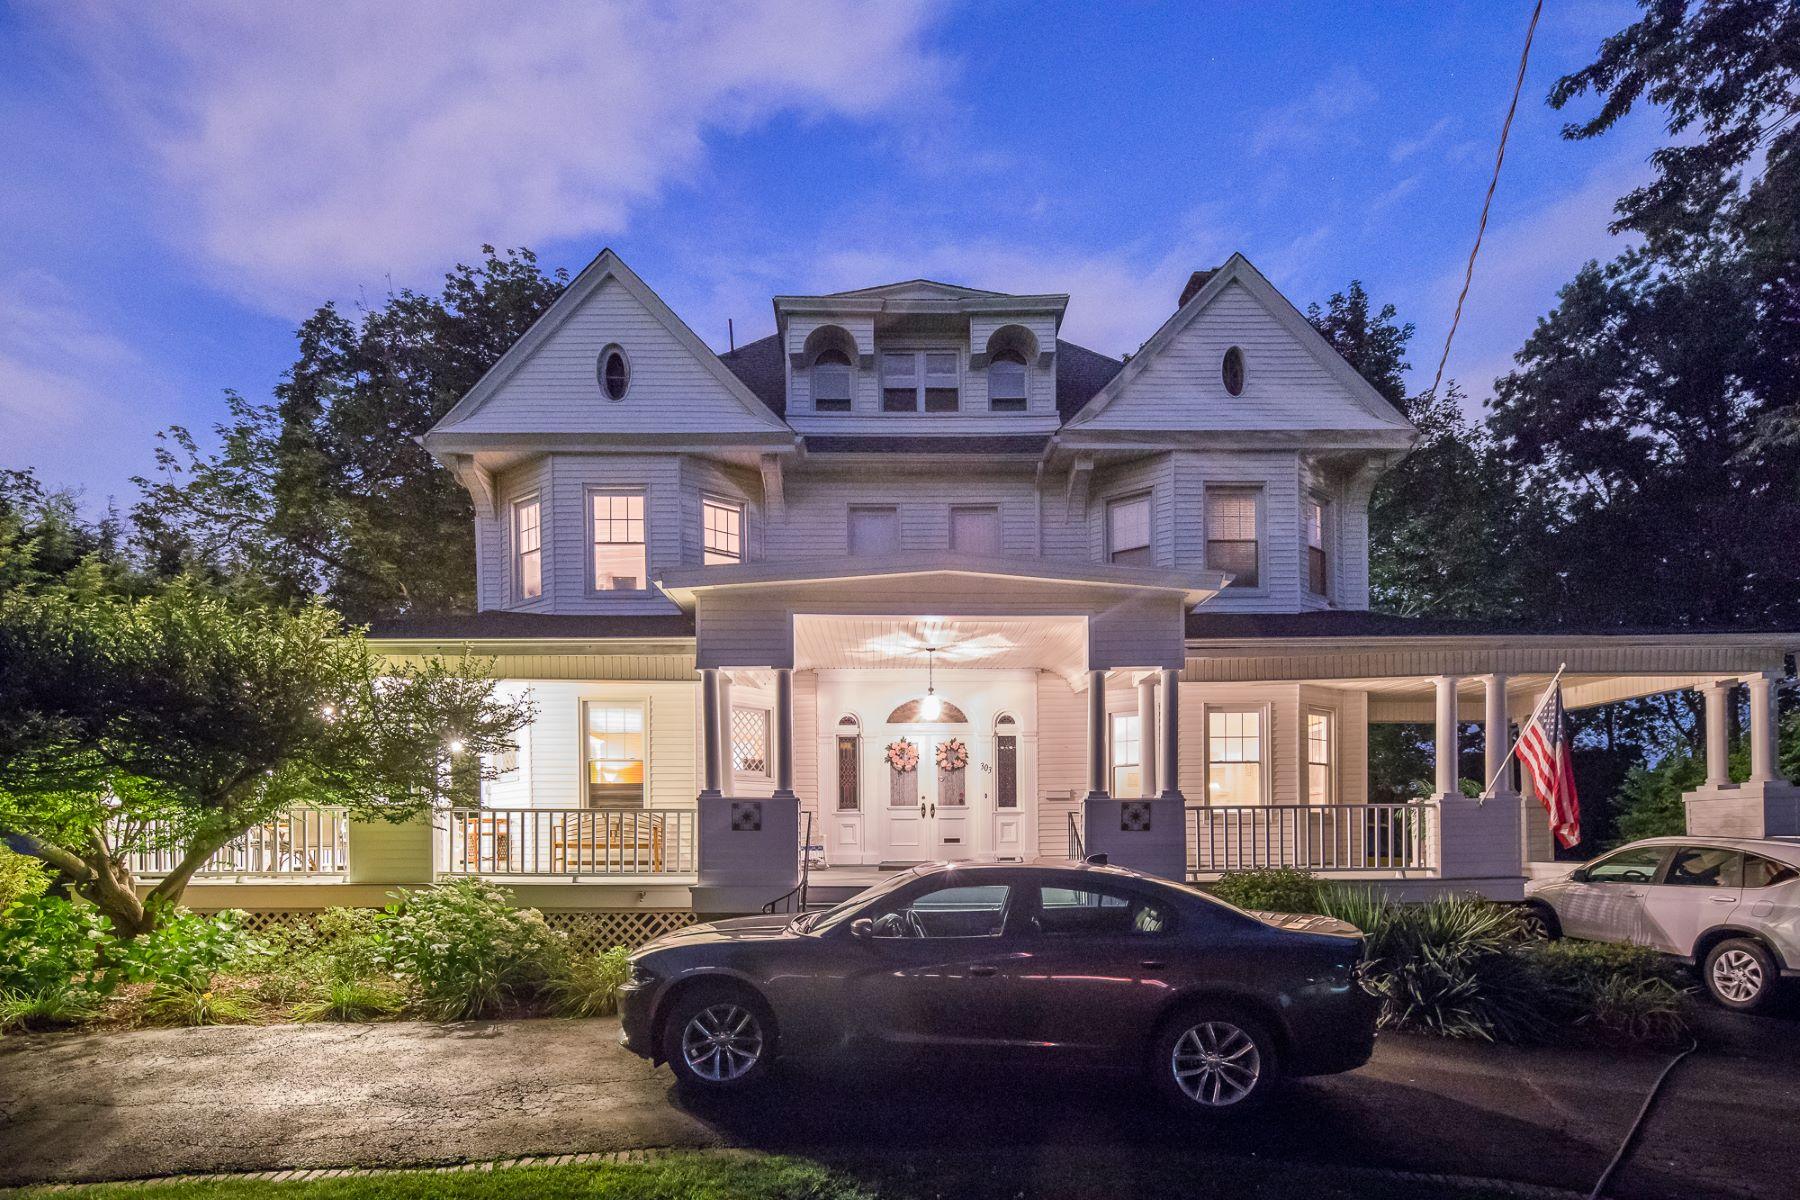 独户住宅 为 销售 在 330 Summit Avenue 303 Summit Ave, 哈克萨克市, 新泽西州 07601 美国